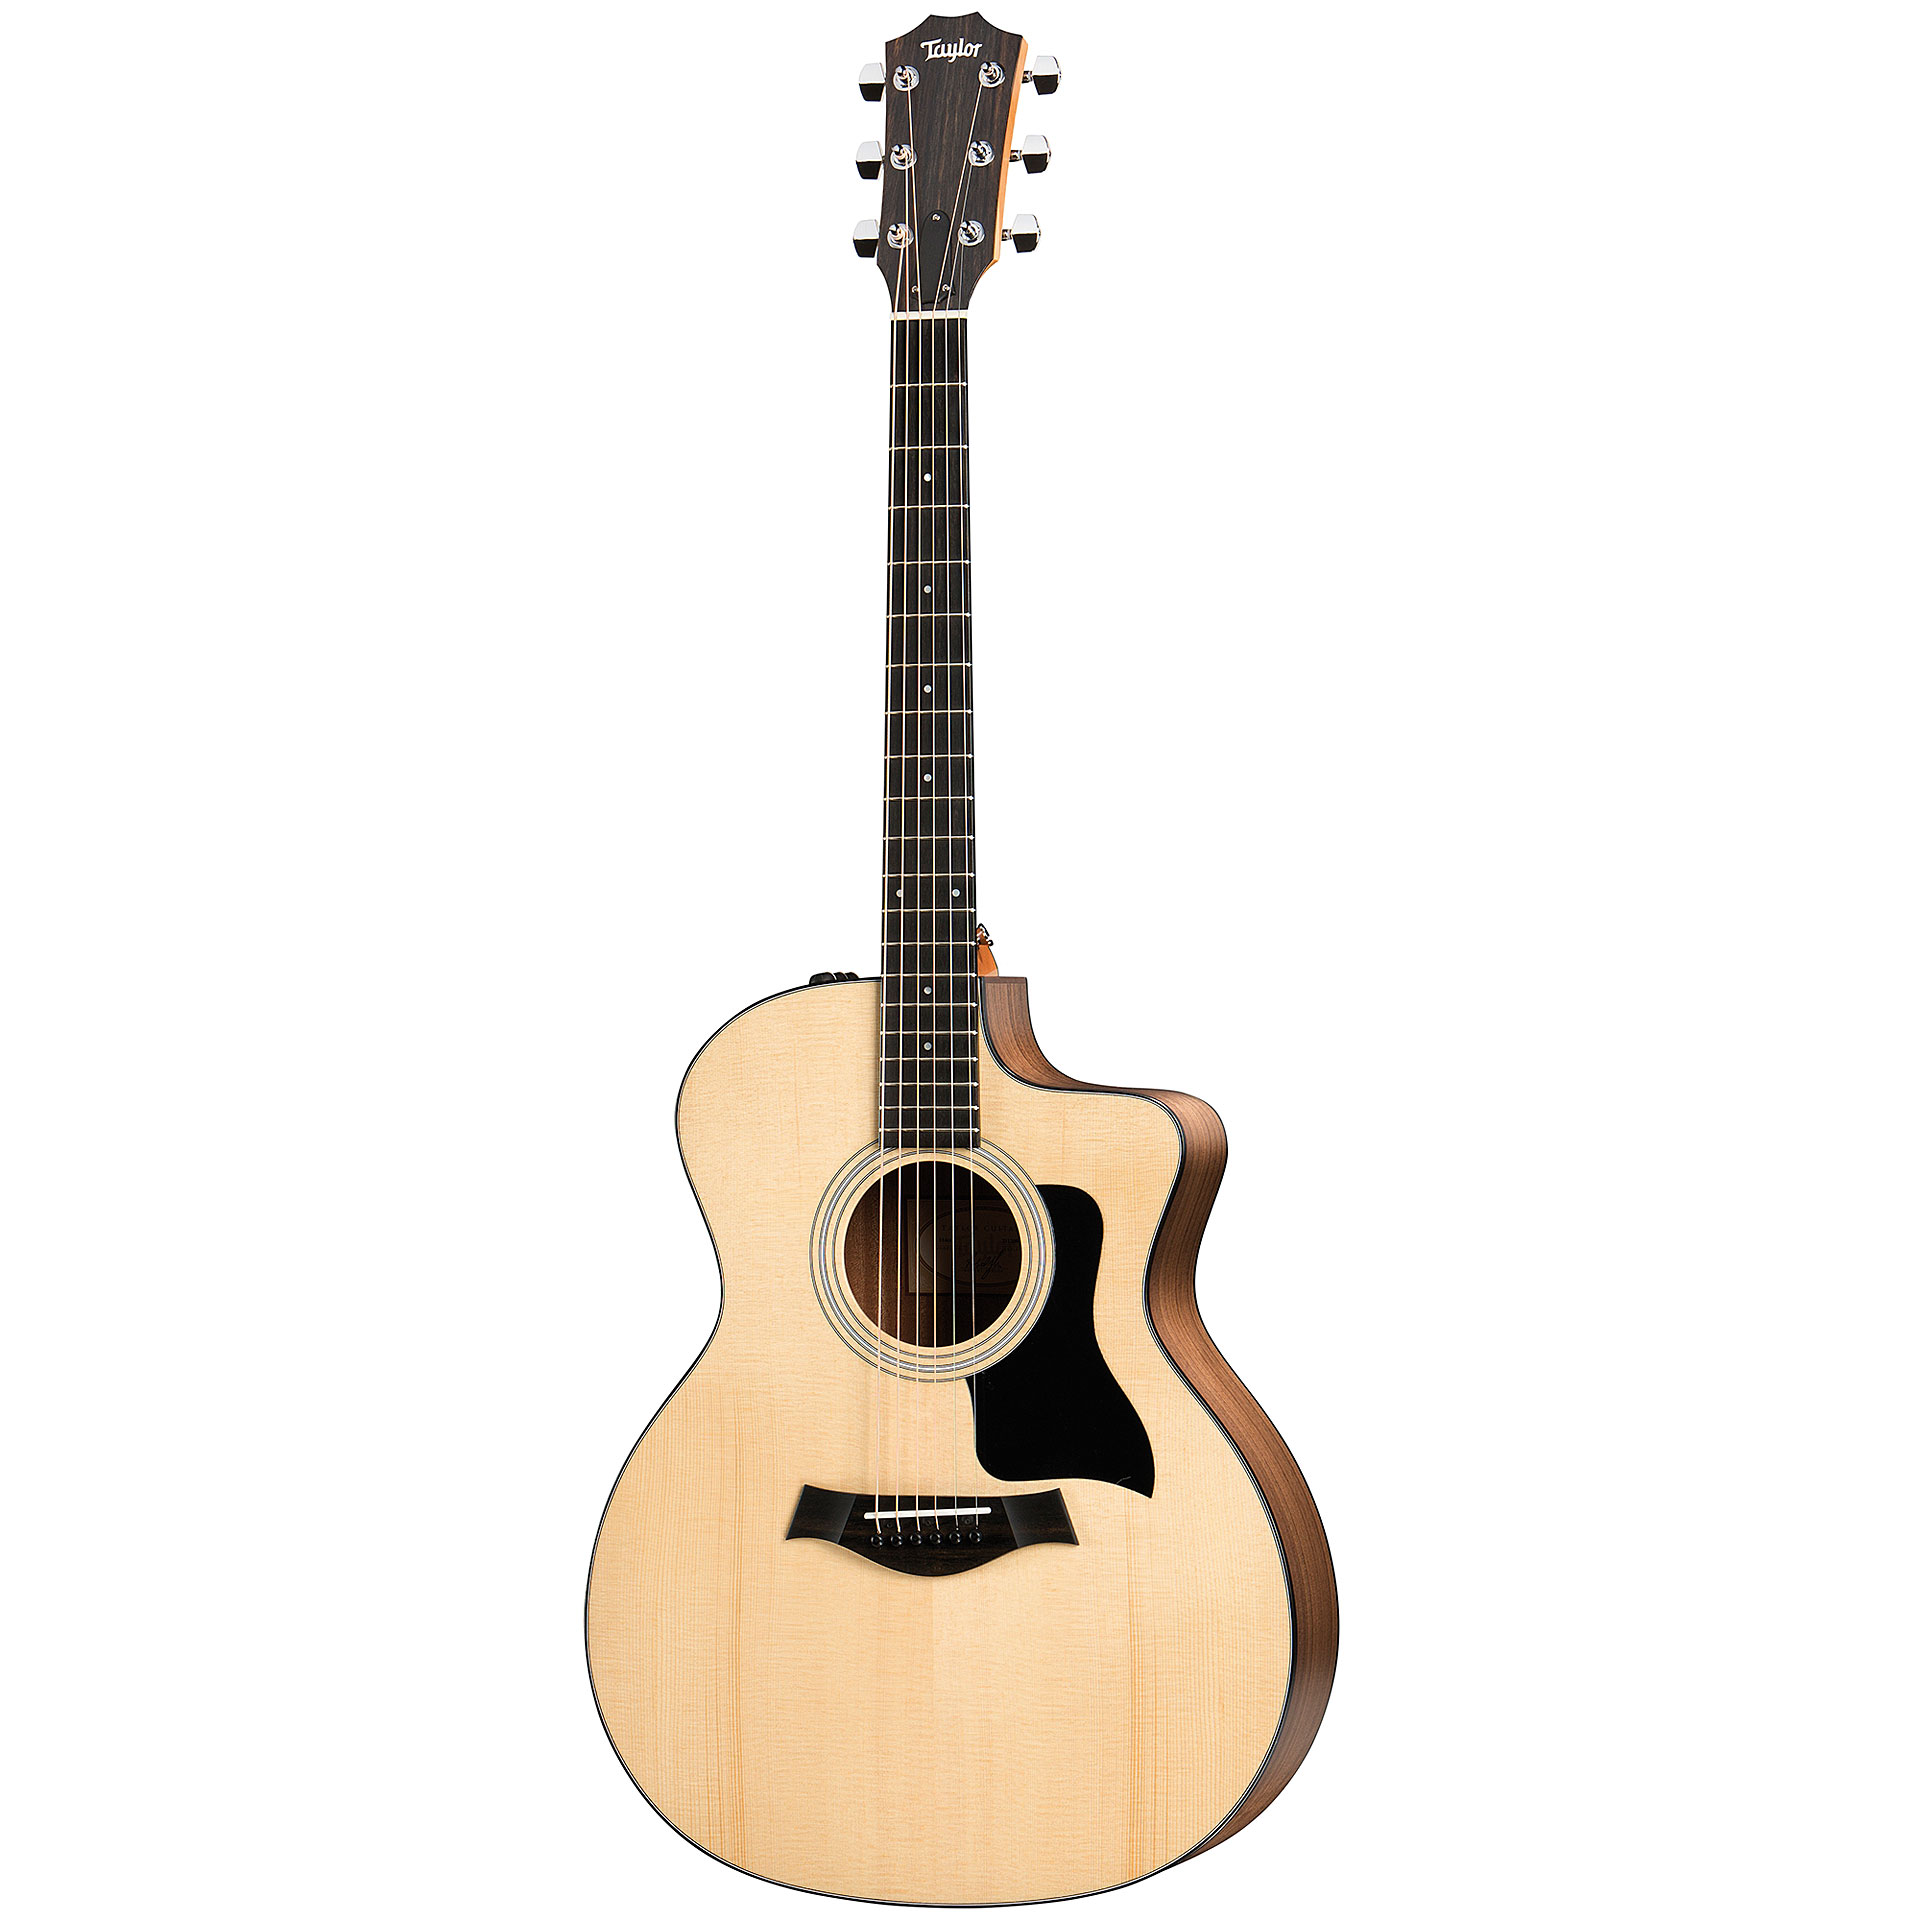 taylor 114ce 10092204 acoustic guitar musik produktiv. Black Bedroom Furniture Sets. Home Design Ideas